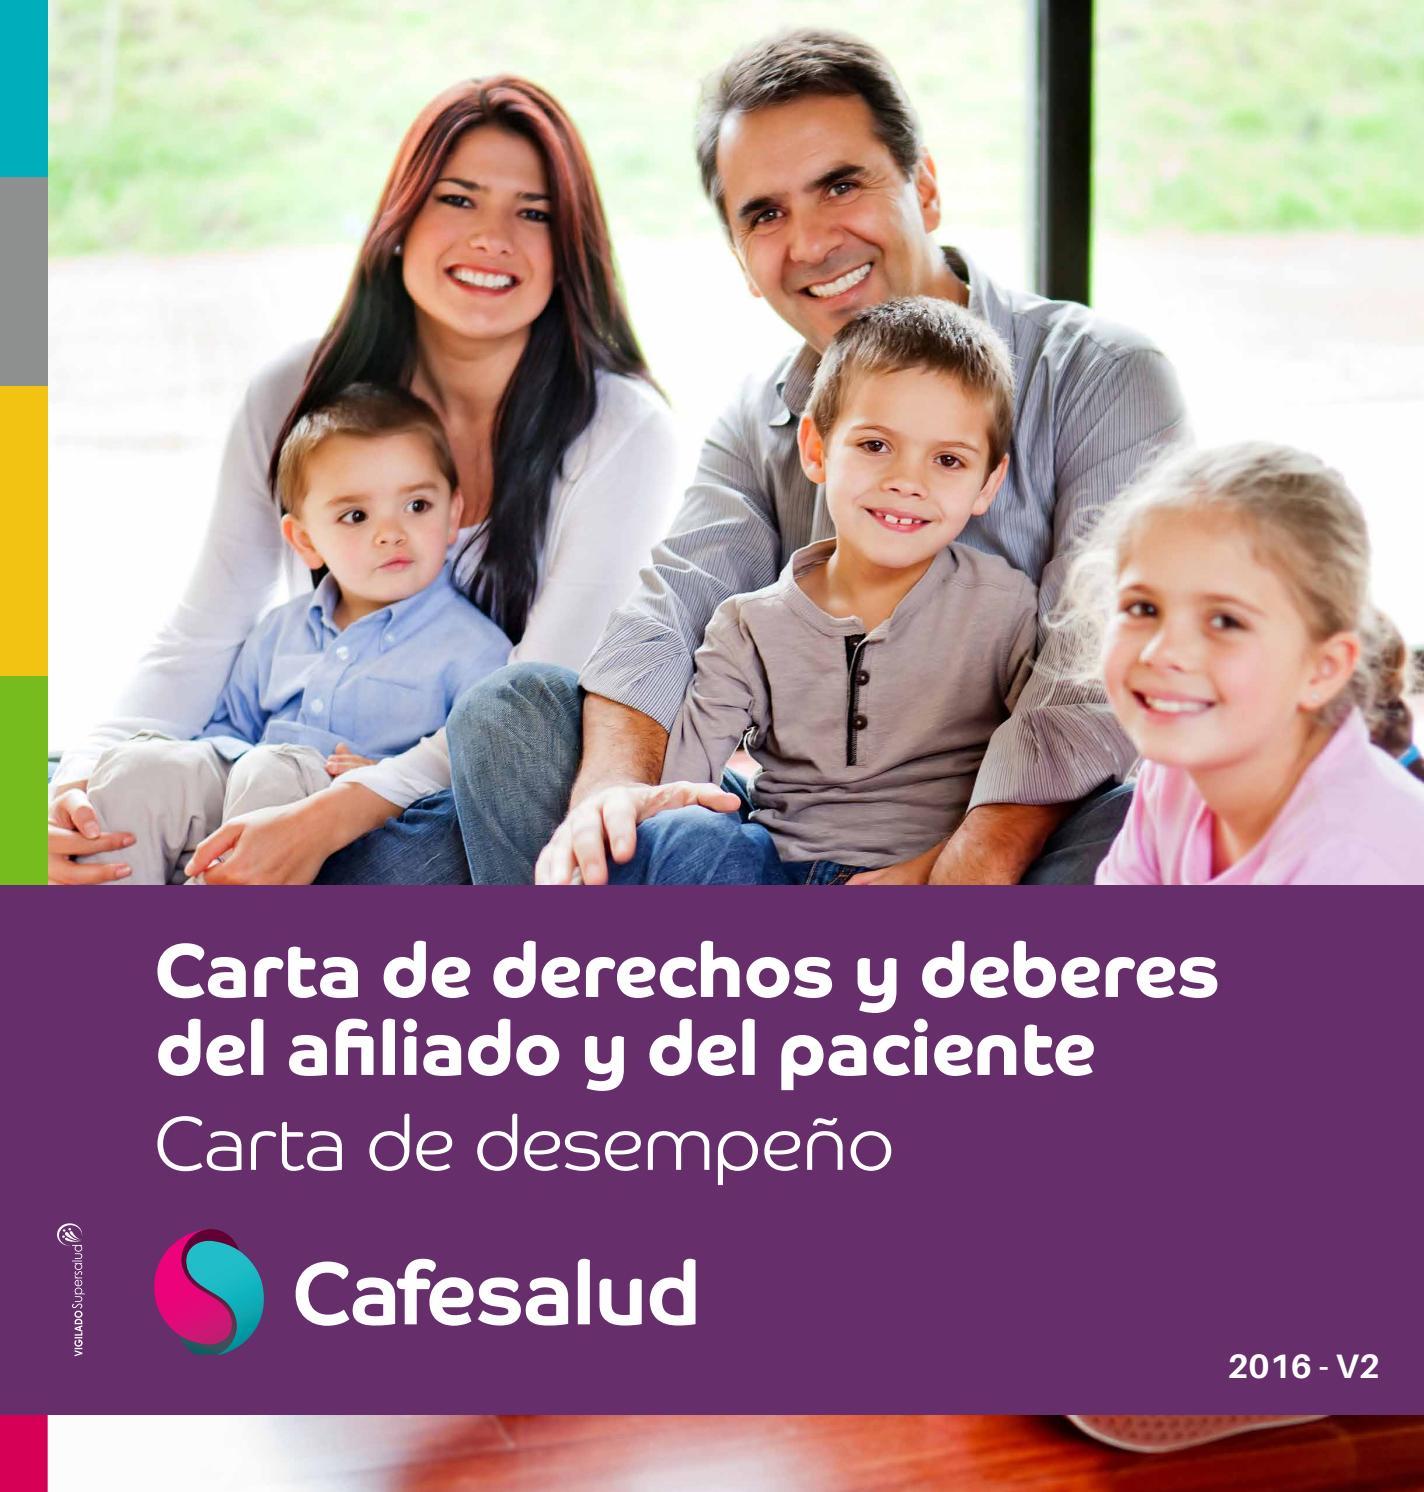 Cafesalud - 94792